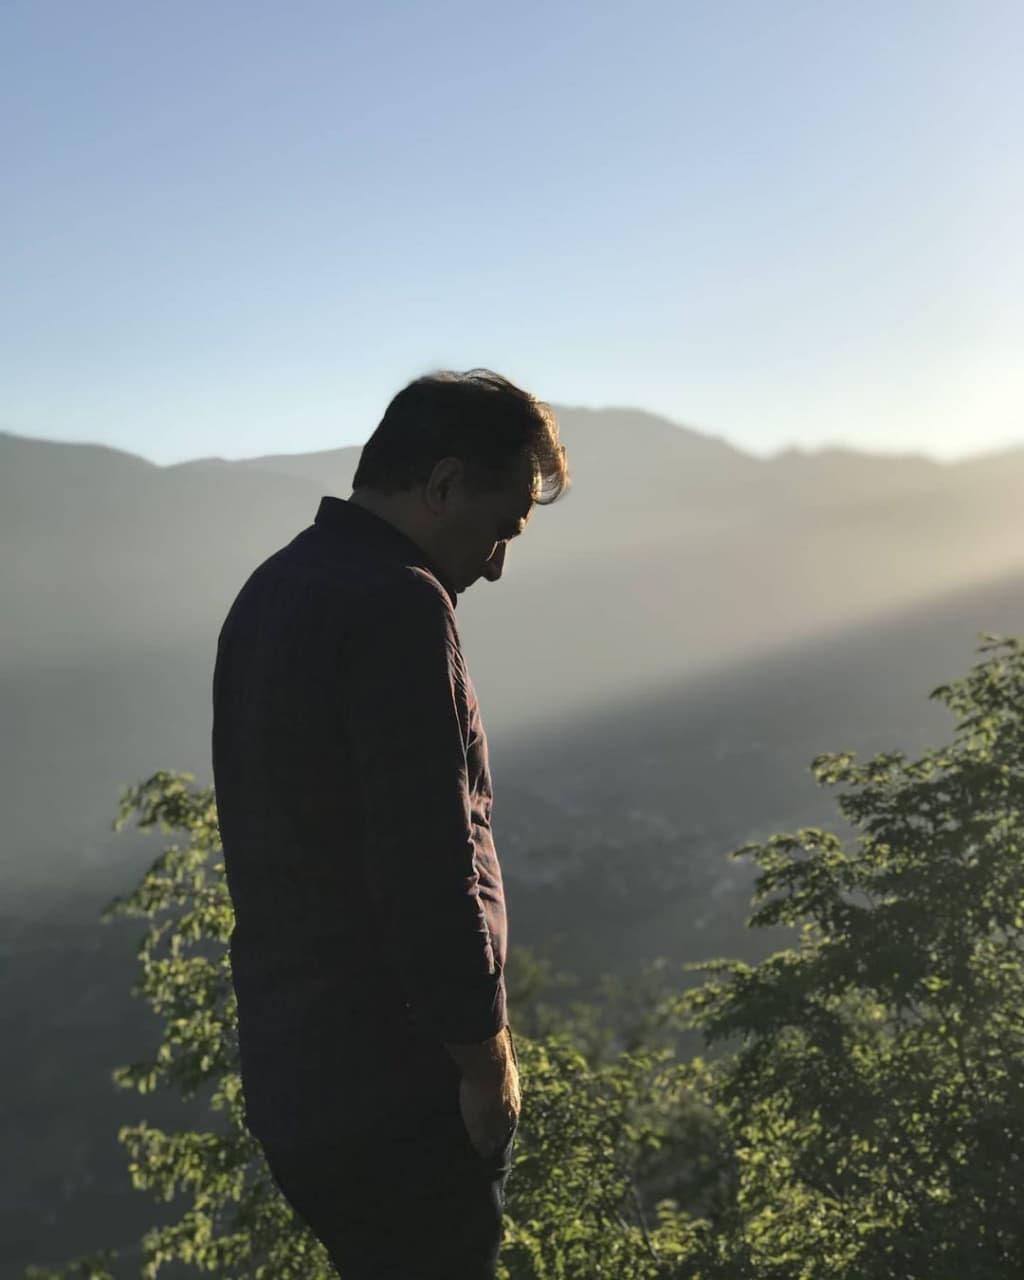 مناجاتی از دکتر مجید اخشابی به مناسبت عید سعید قربان